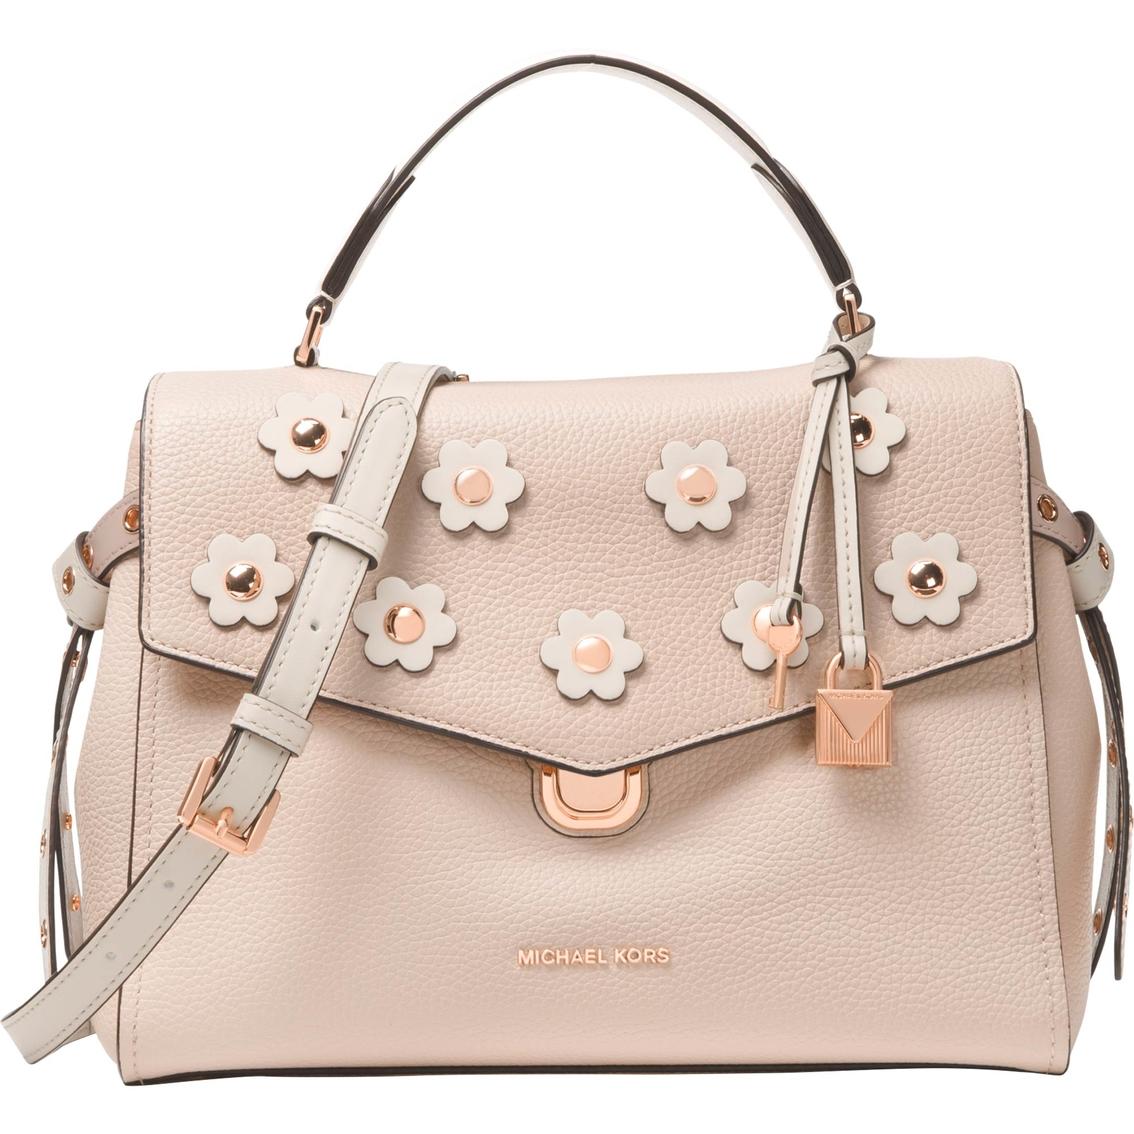 544426a67819d7 Michael Kors Bristol Satchel Leather | Handbags | Shop The Exchange